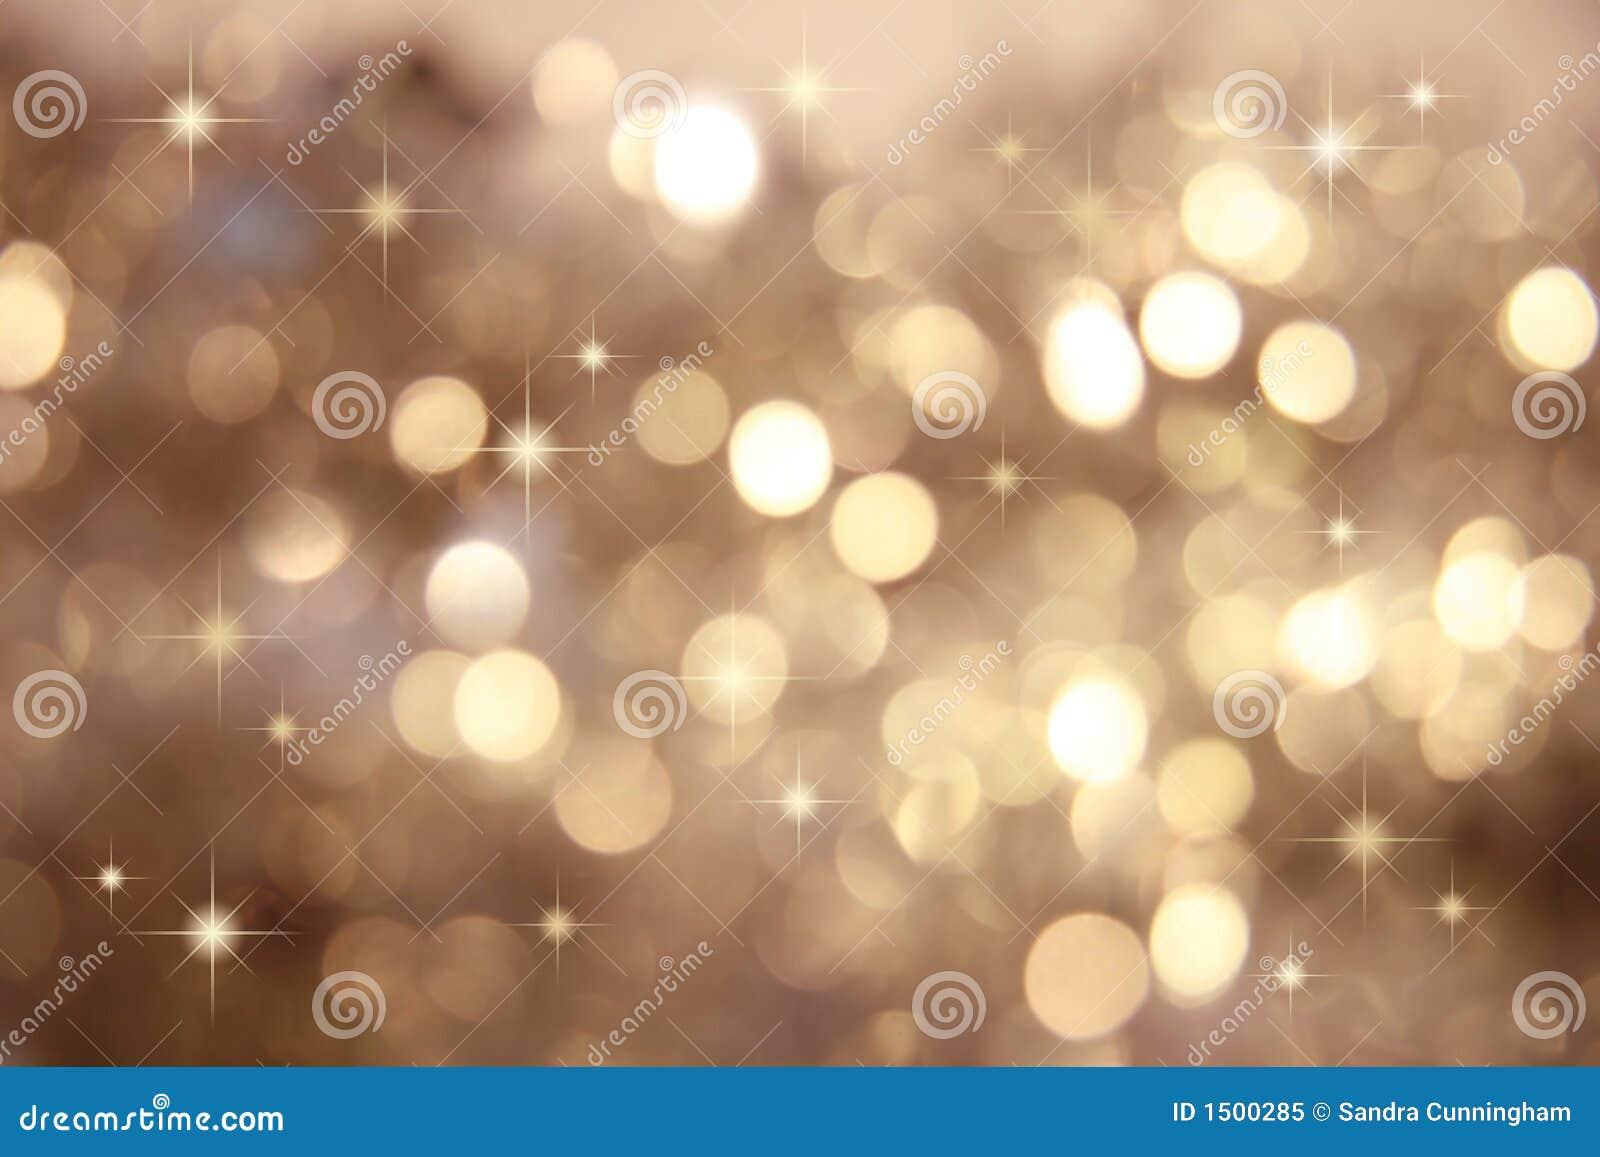 Gold little stars twinkle